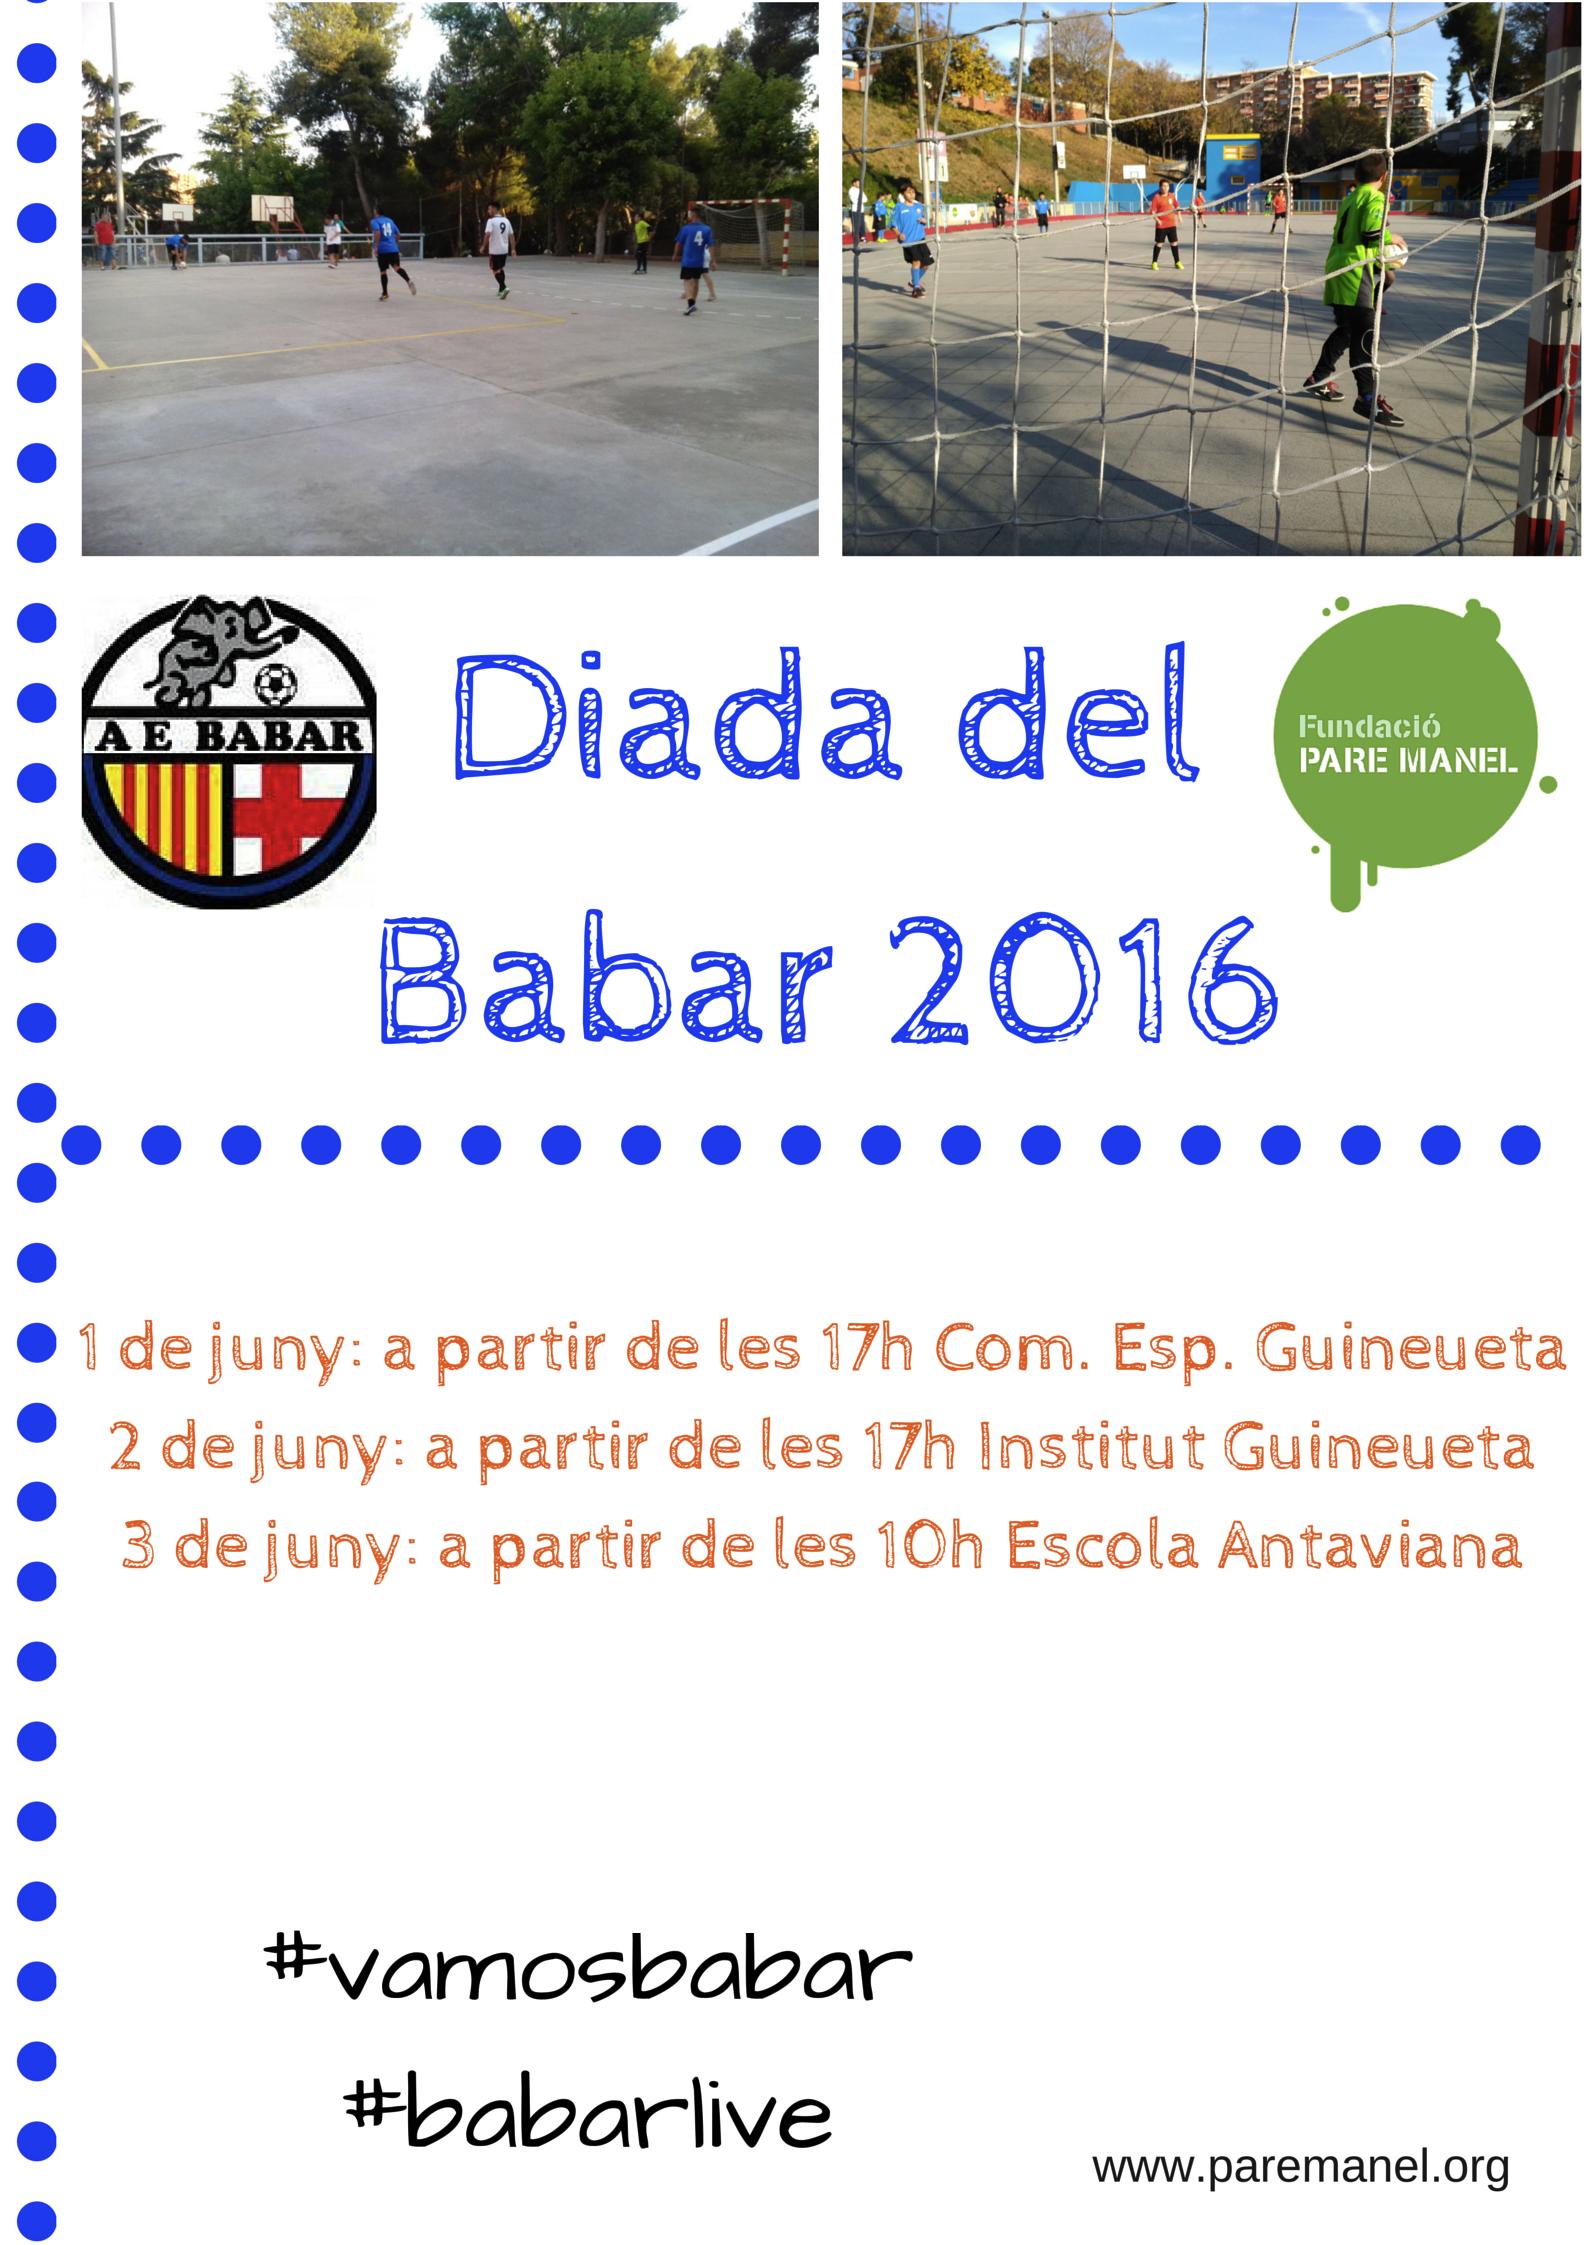 Diada del AE Babar 2016